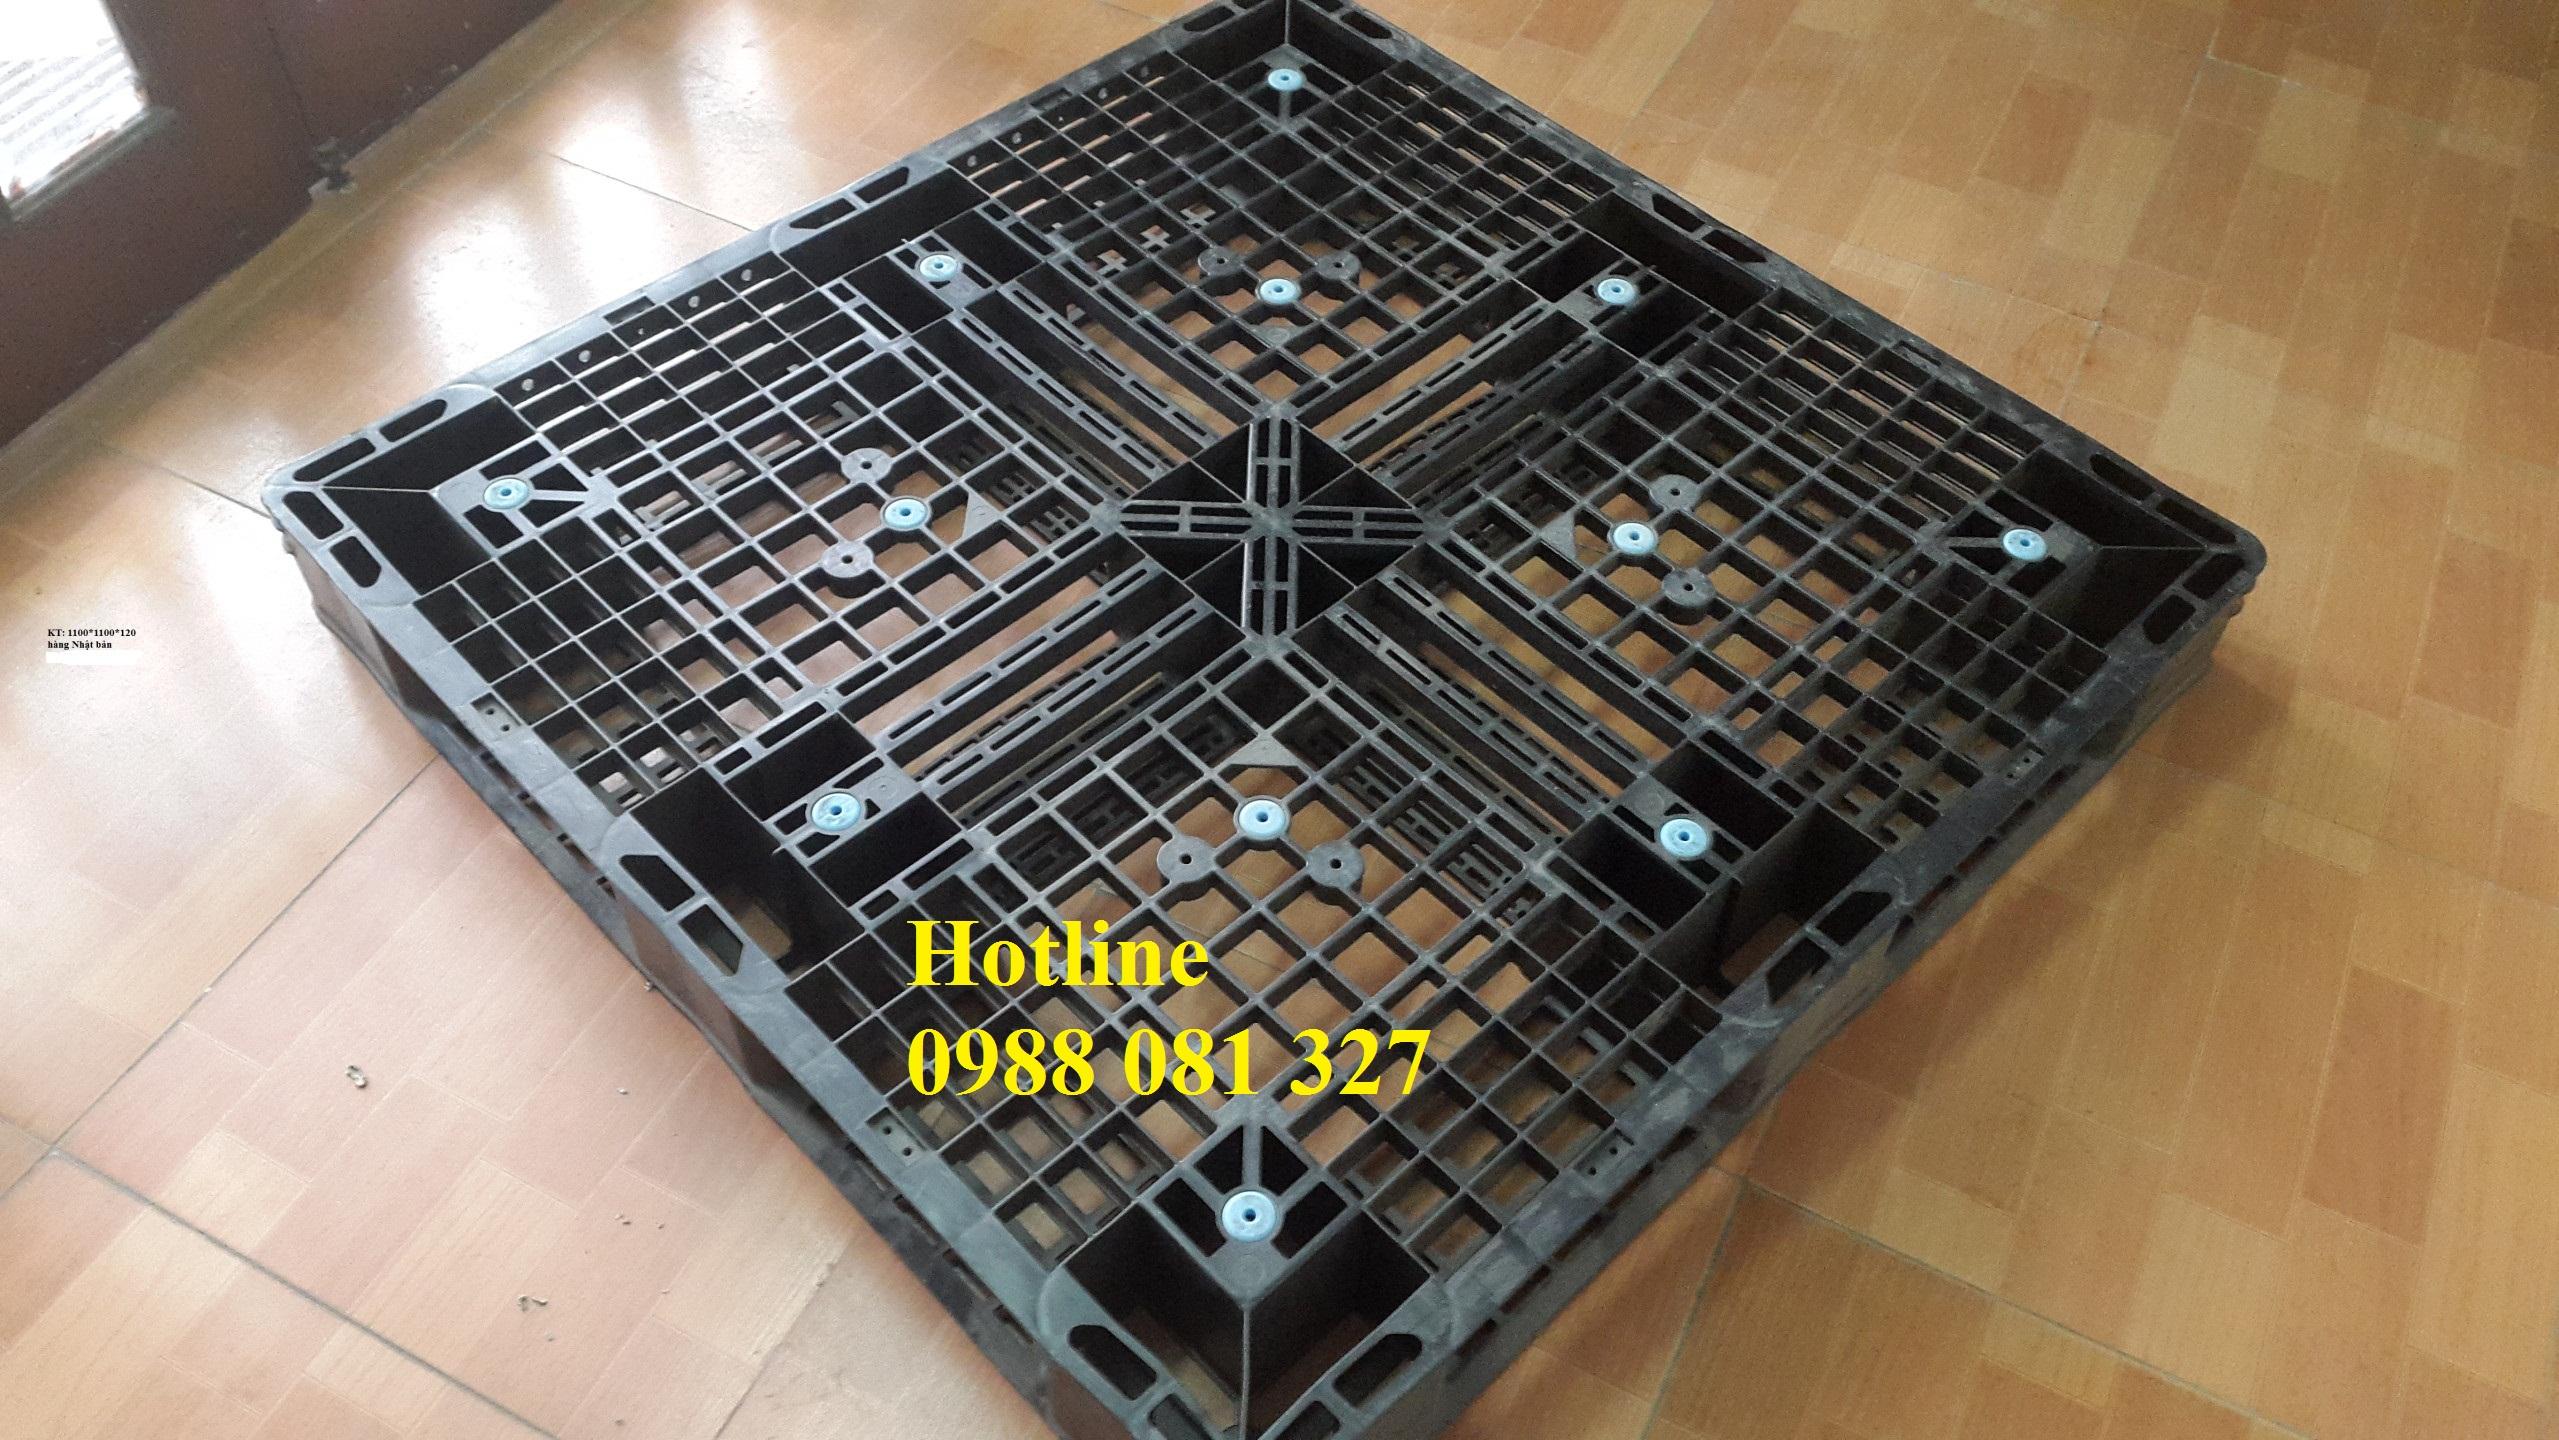 Pallet nhựa hàng tuyển chọn chất lượng bao giá thị trường, 0988 081 327